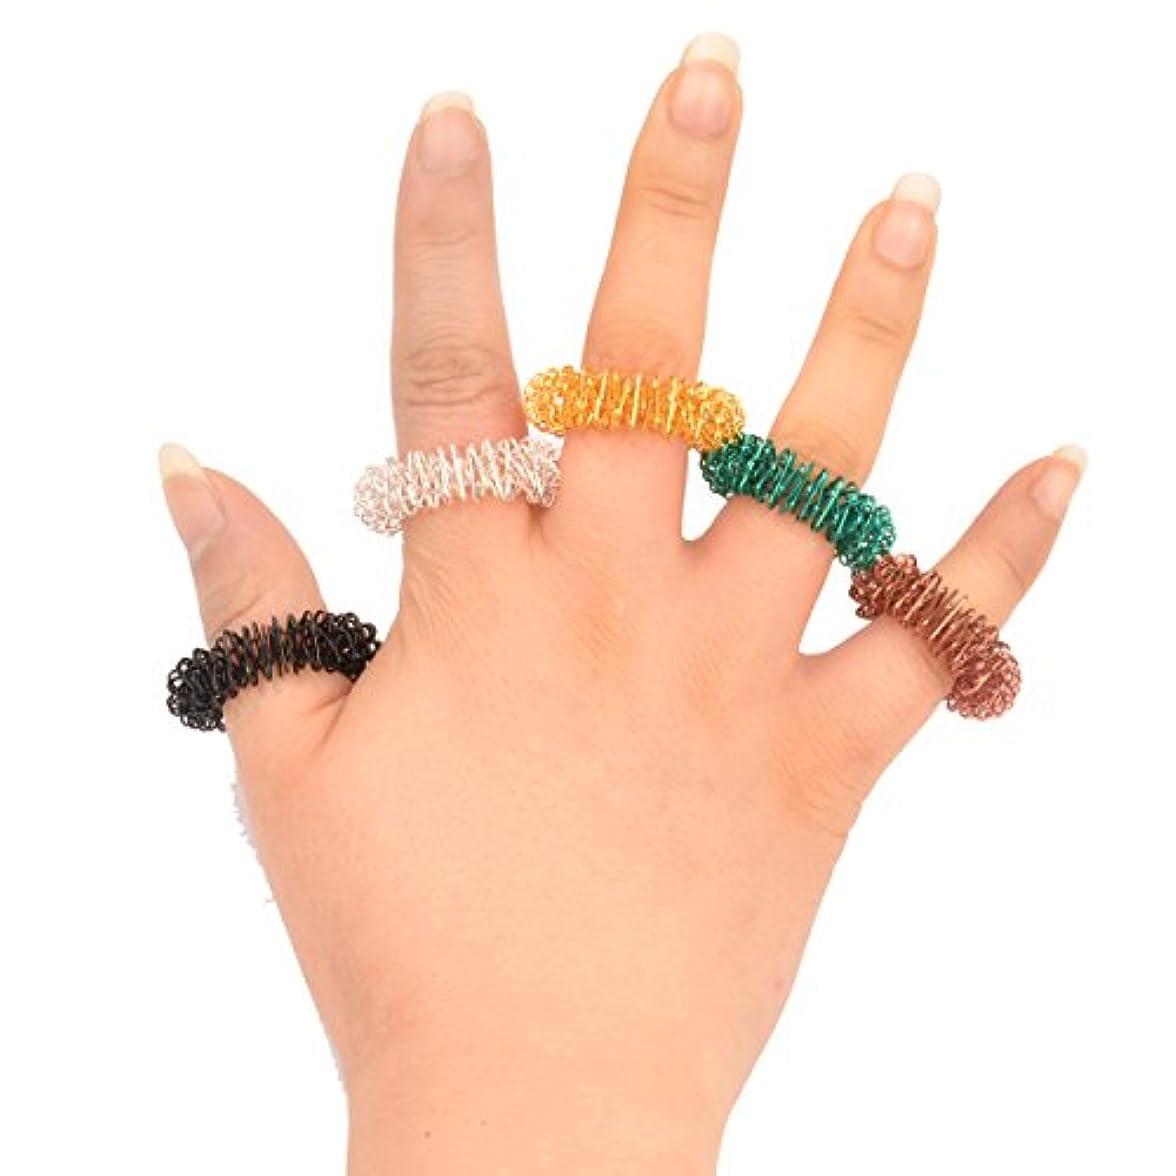 理想的には処理する背が高い(Ckeyin) マッサージリング 5個入り 爪もみリング 色はランダムによって配送されます (5個)